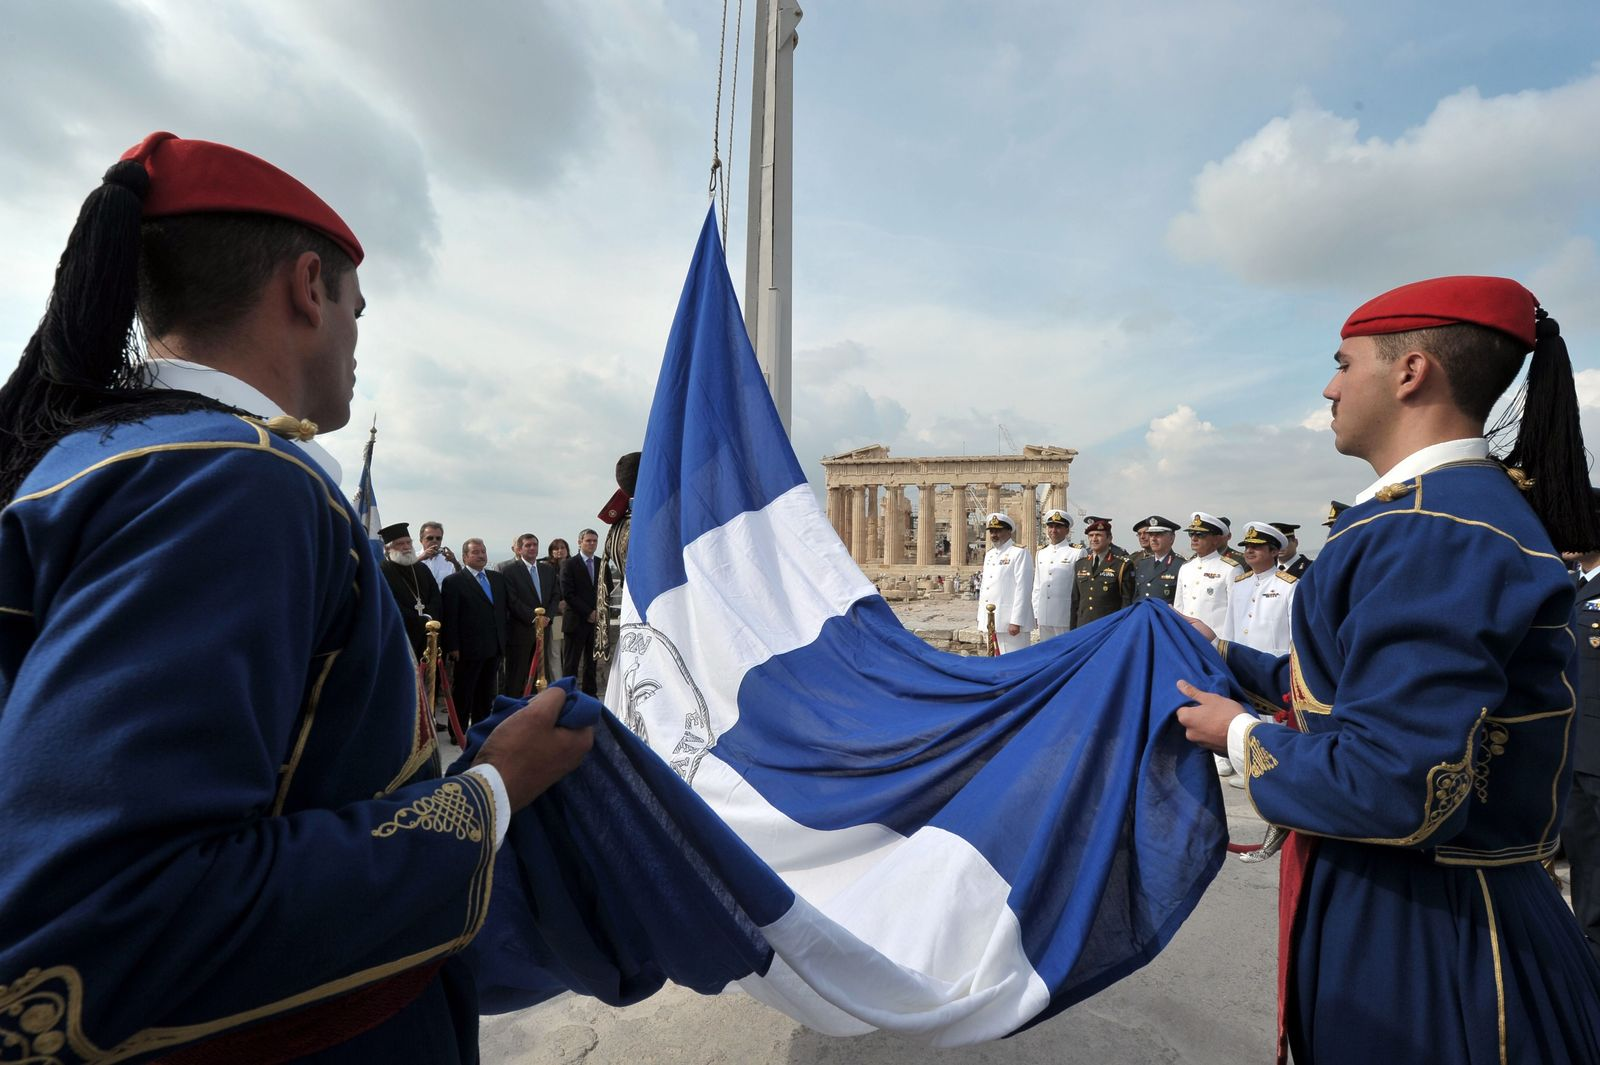 Griechenland / Zeremonie / Befreiung Nazi-Herrschaft